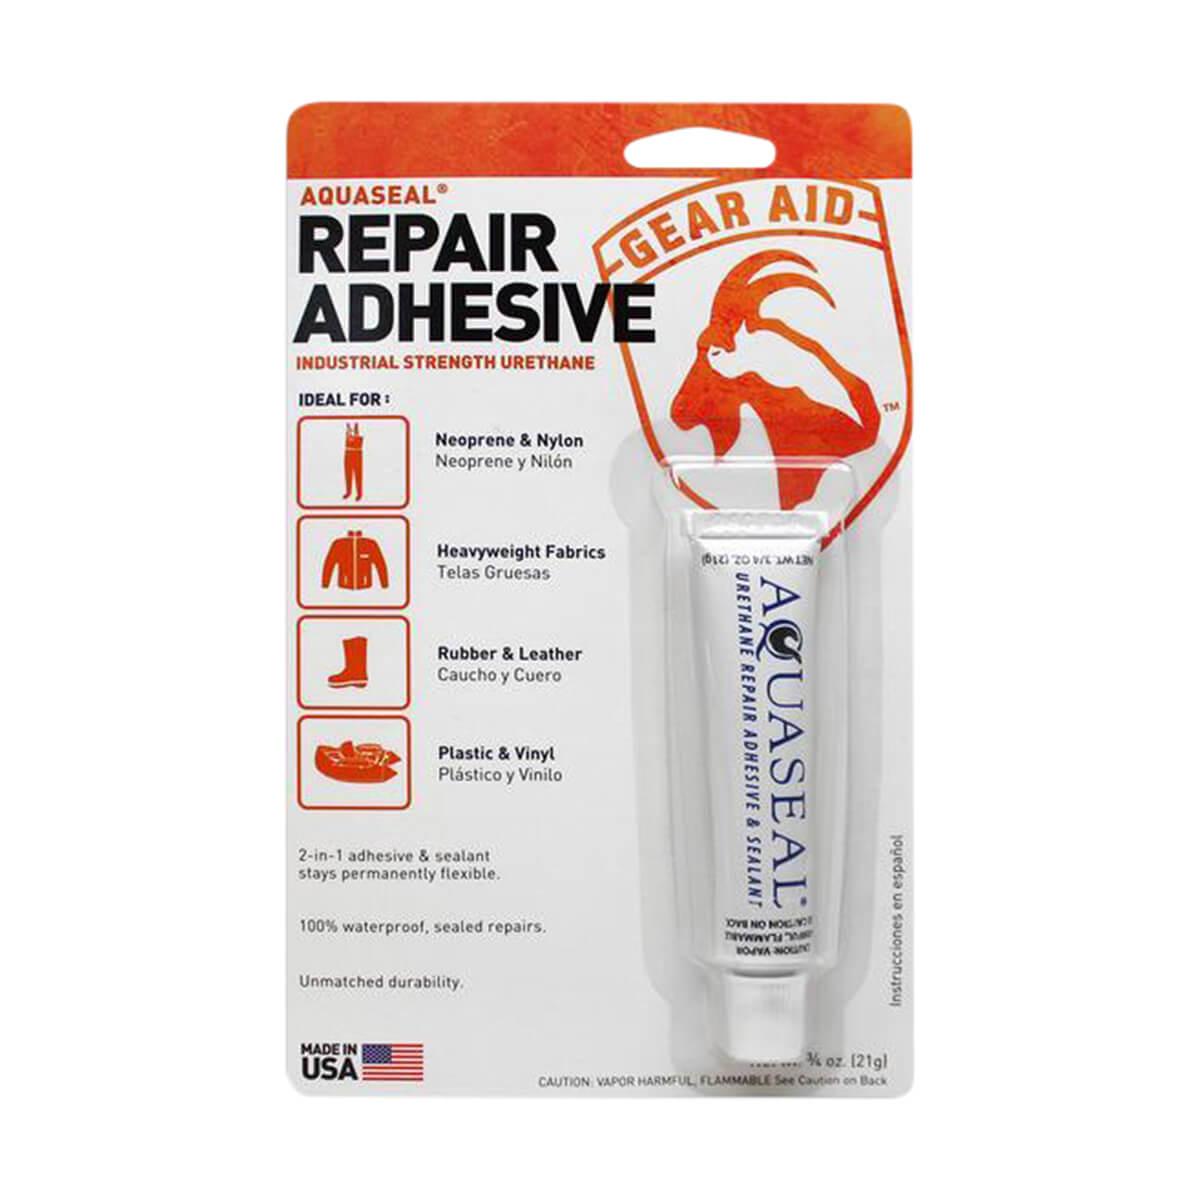 Aquaseal Repair Adhesive - 3/4 oz